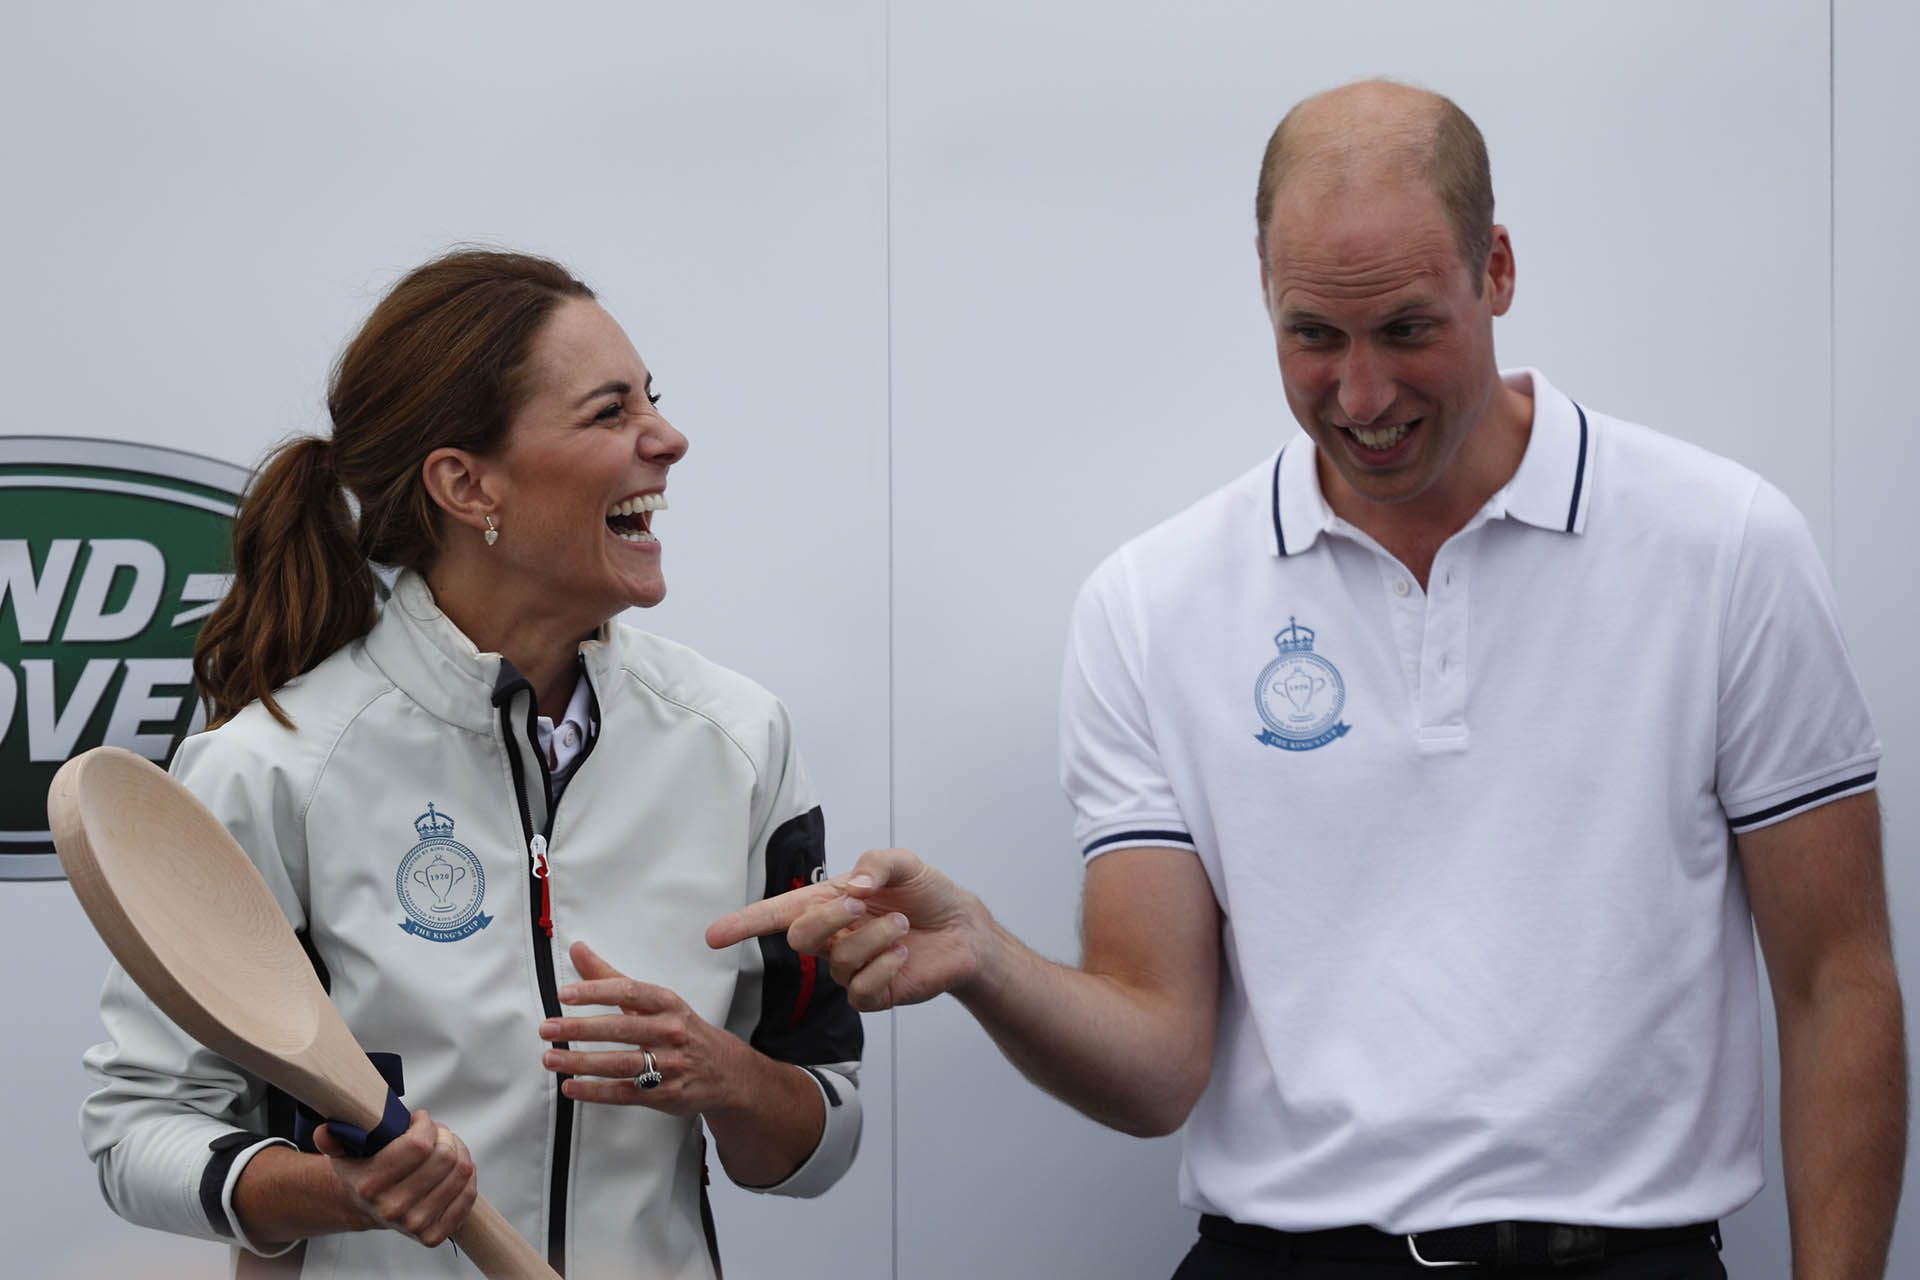 El equipo de Kate terminó último y recibió una cuchara de madera, el príncipe reaccionó frente al premio